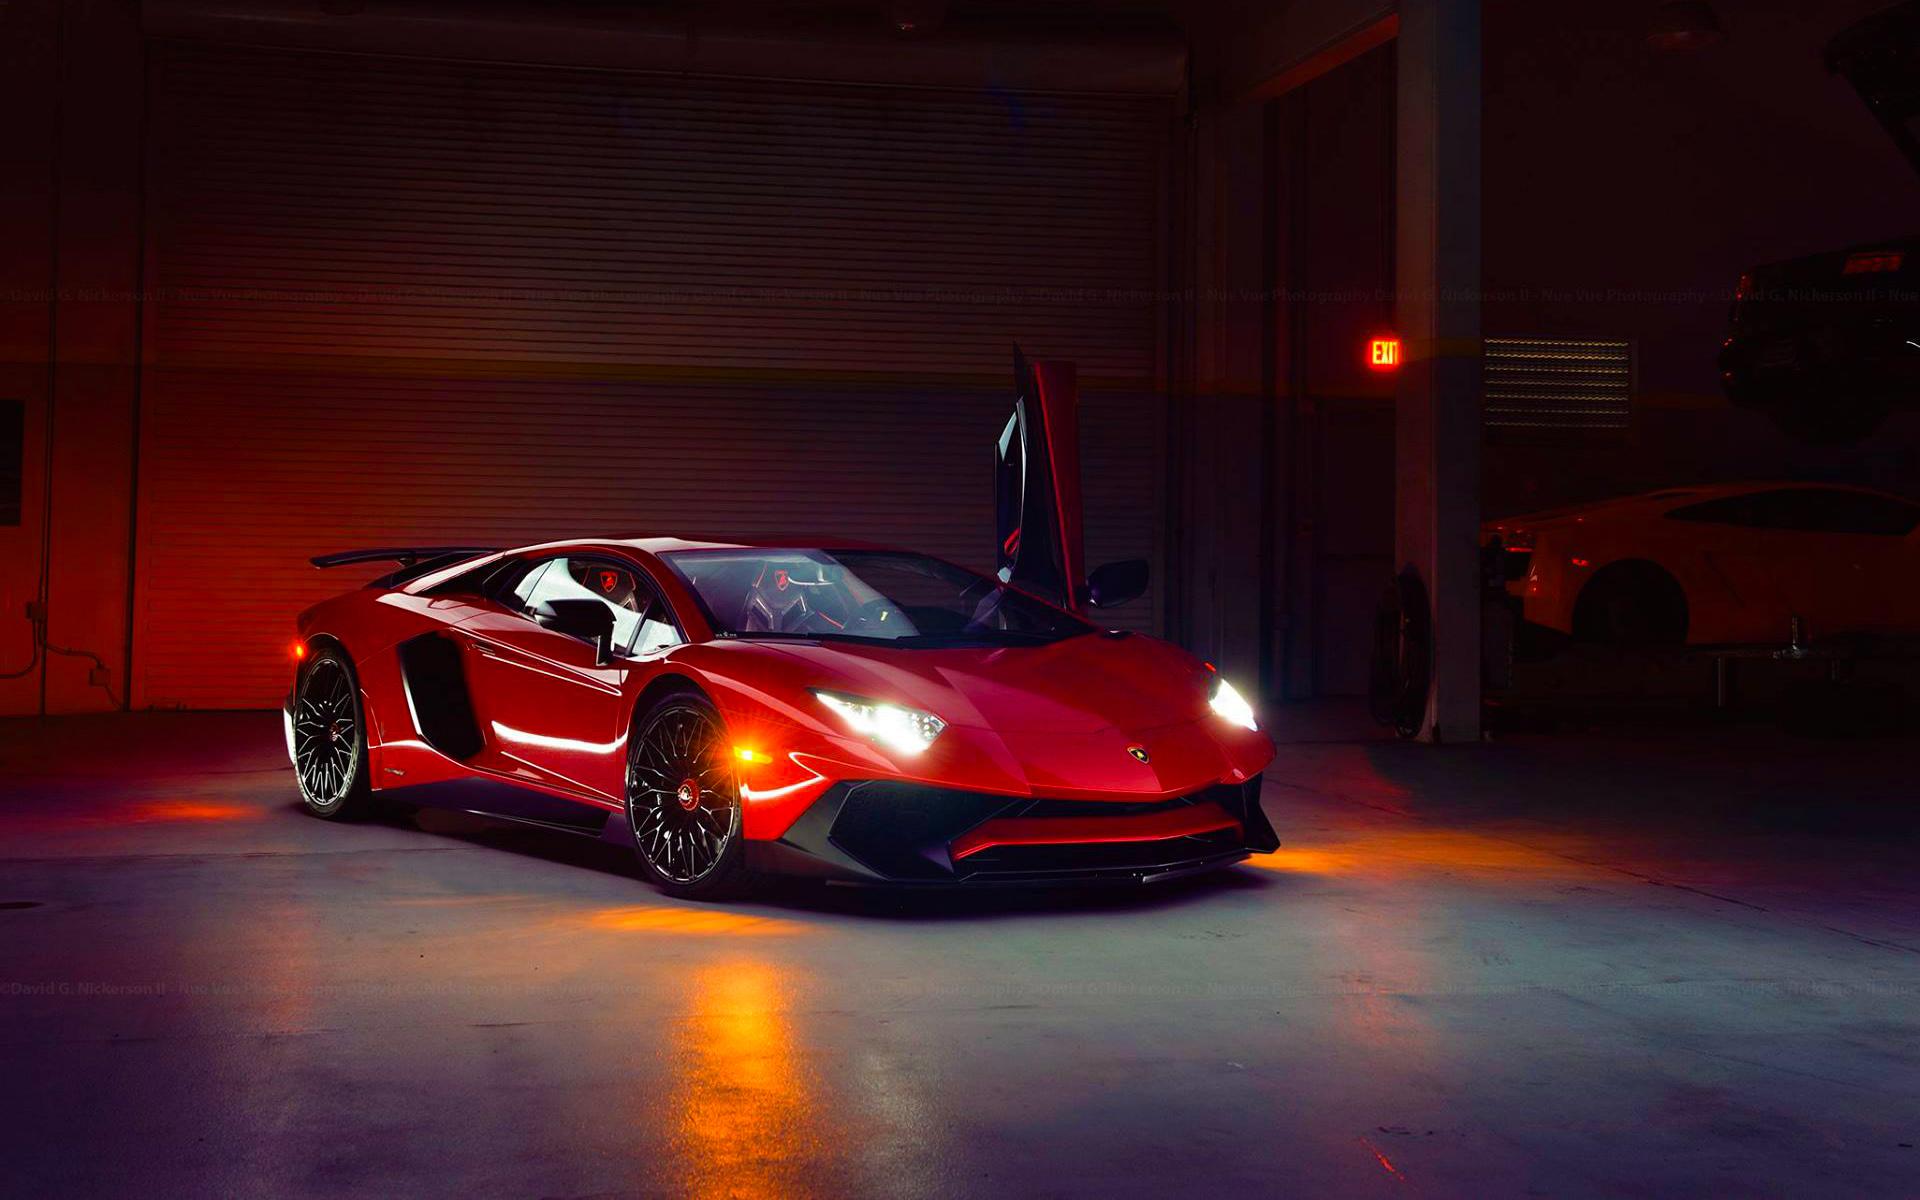 Lamborghini Aventador Superveloce Hd Wallpaper Hintergrund